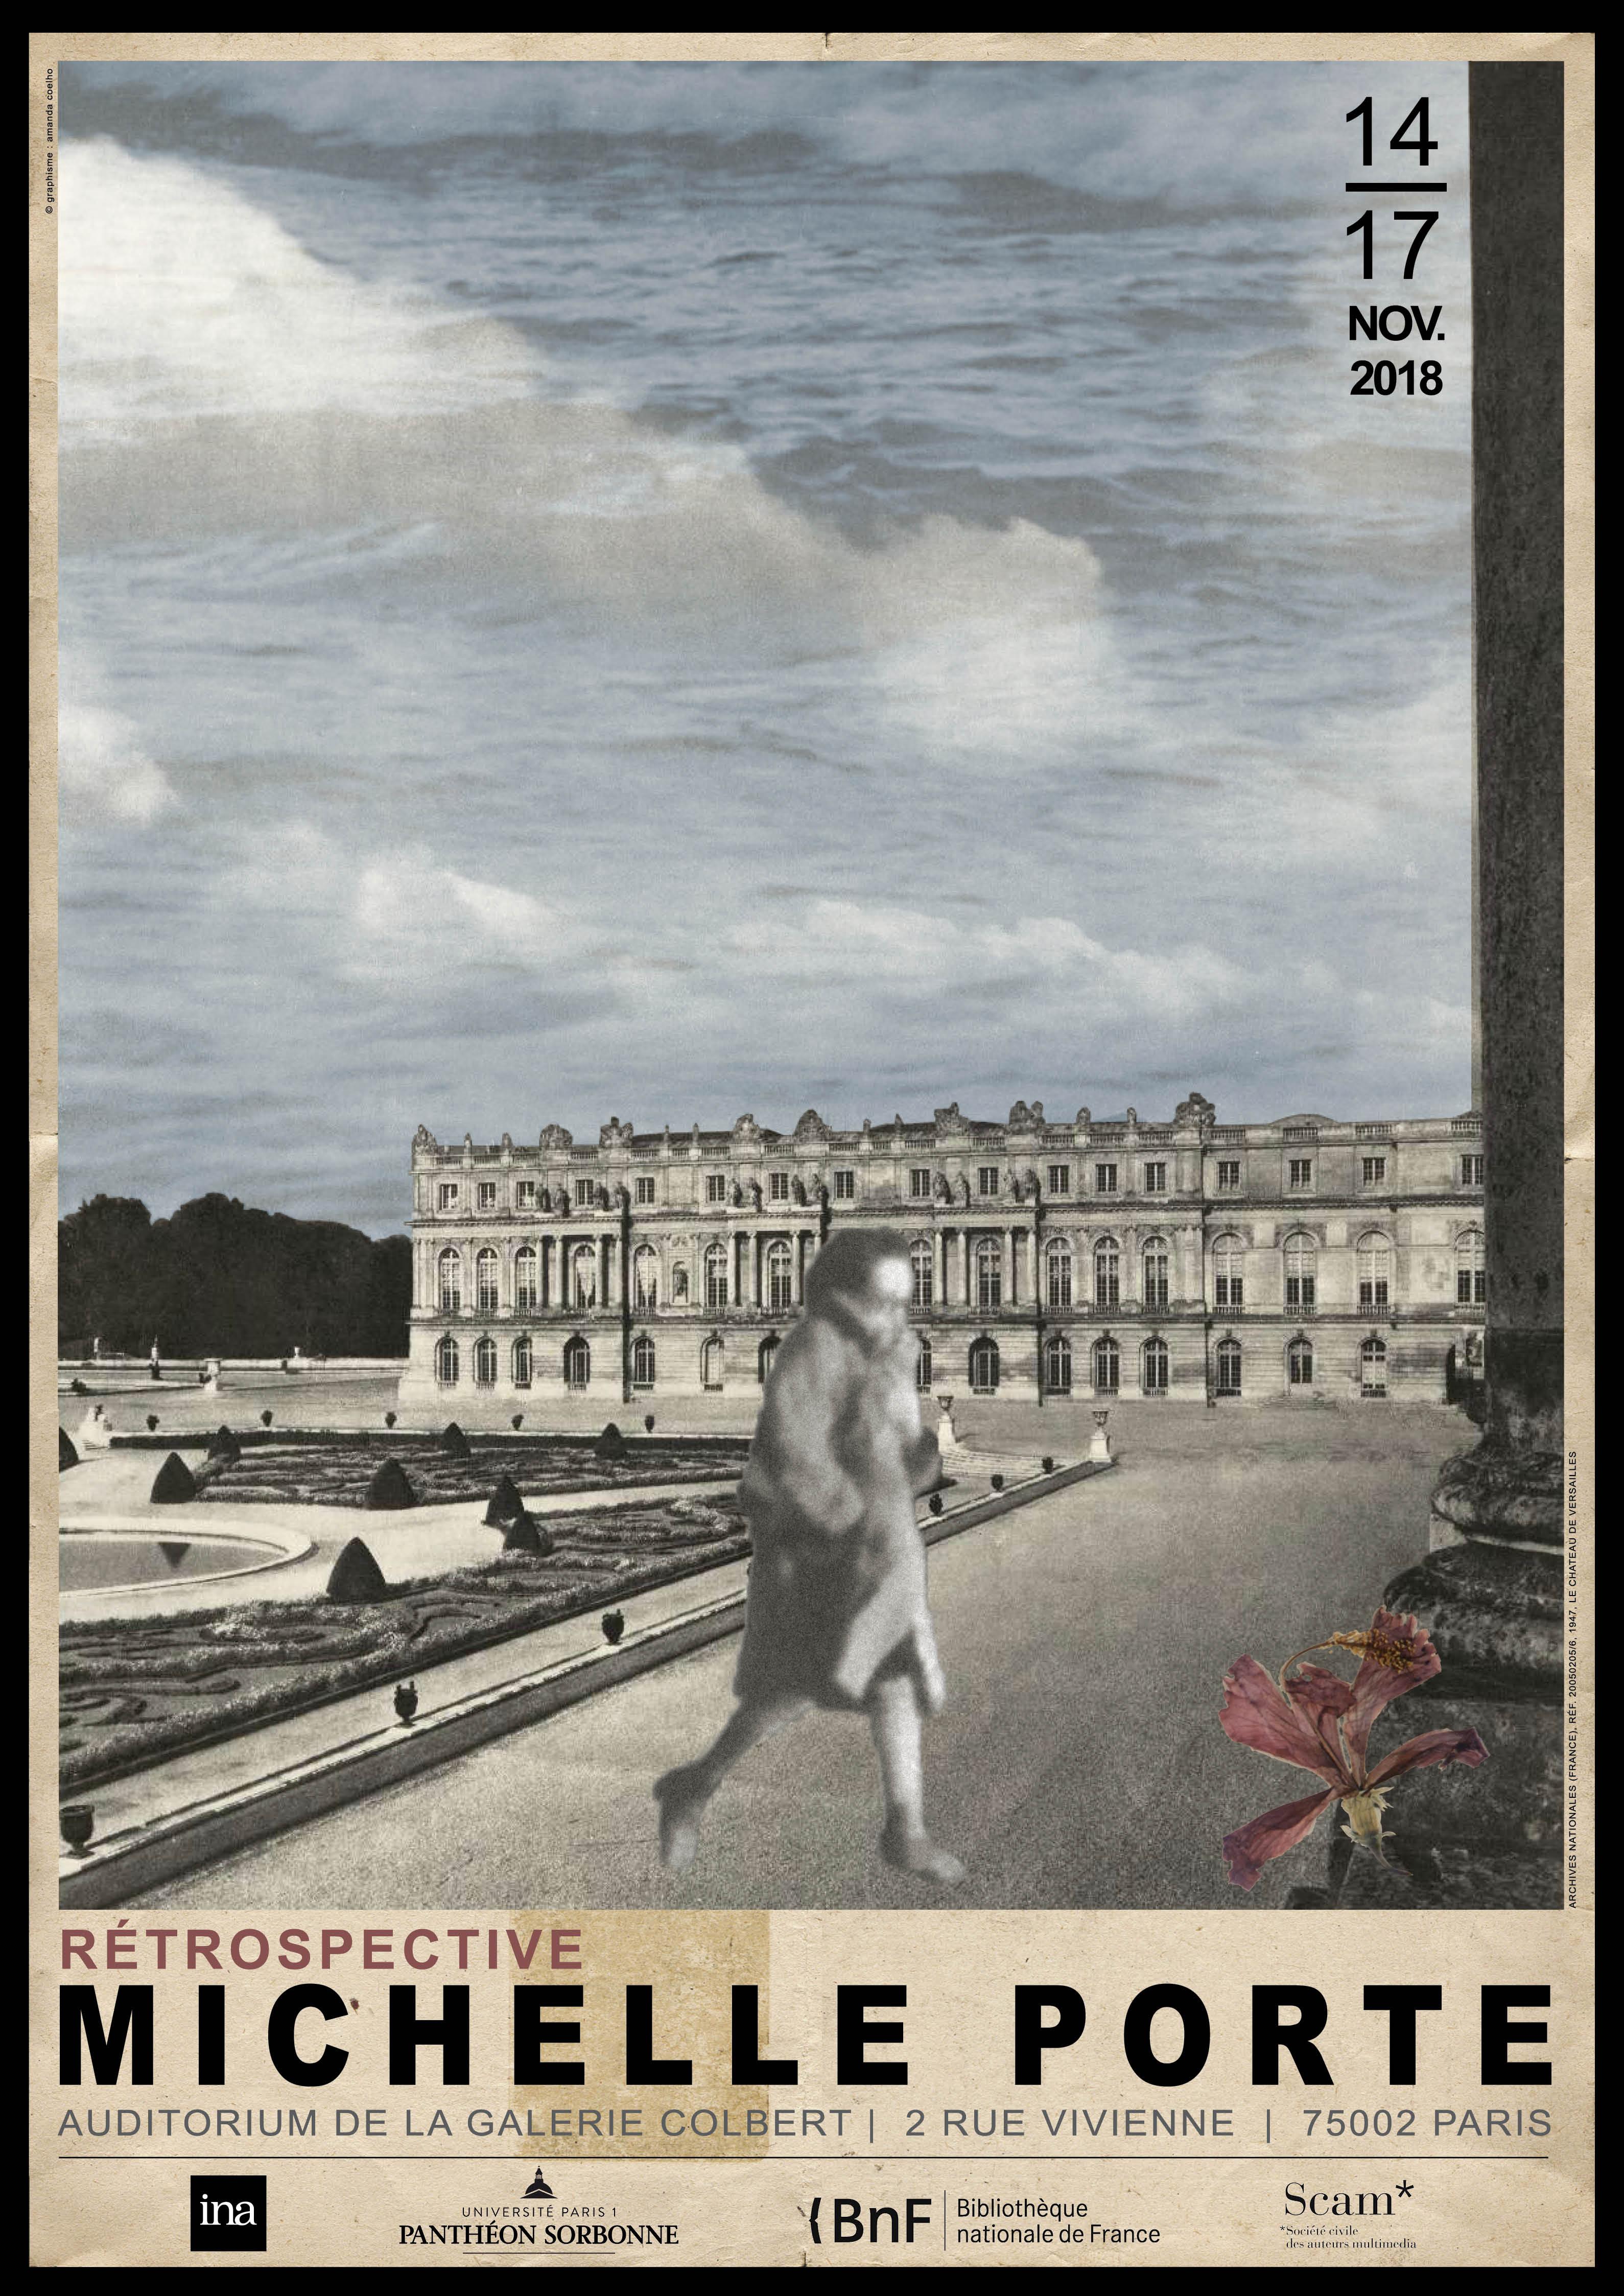 Rétrospective Michelle Porte (INHA, Paris)